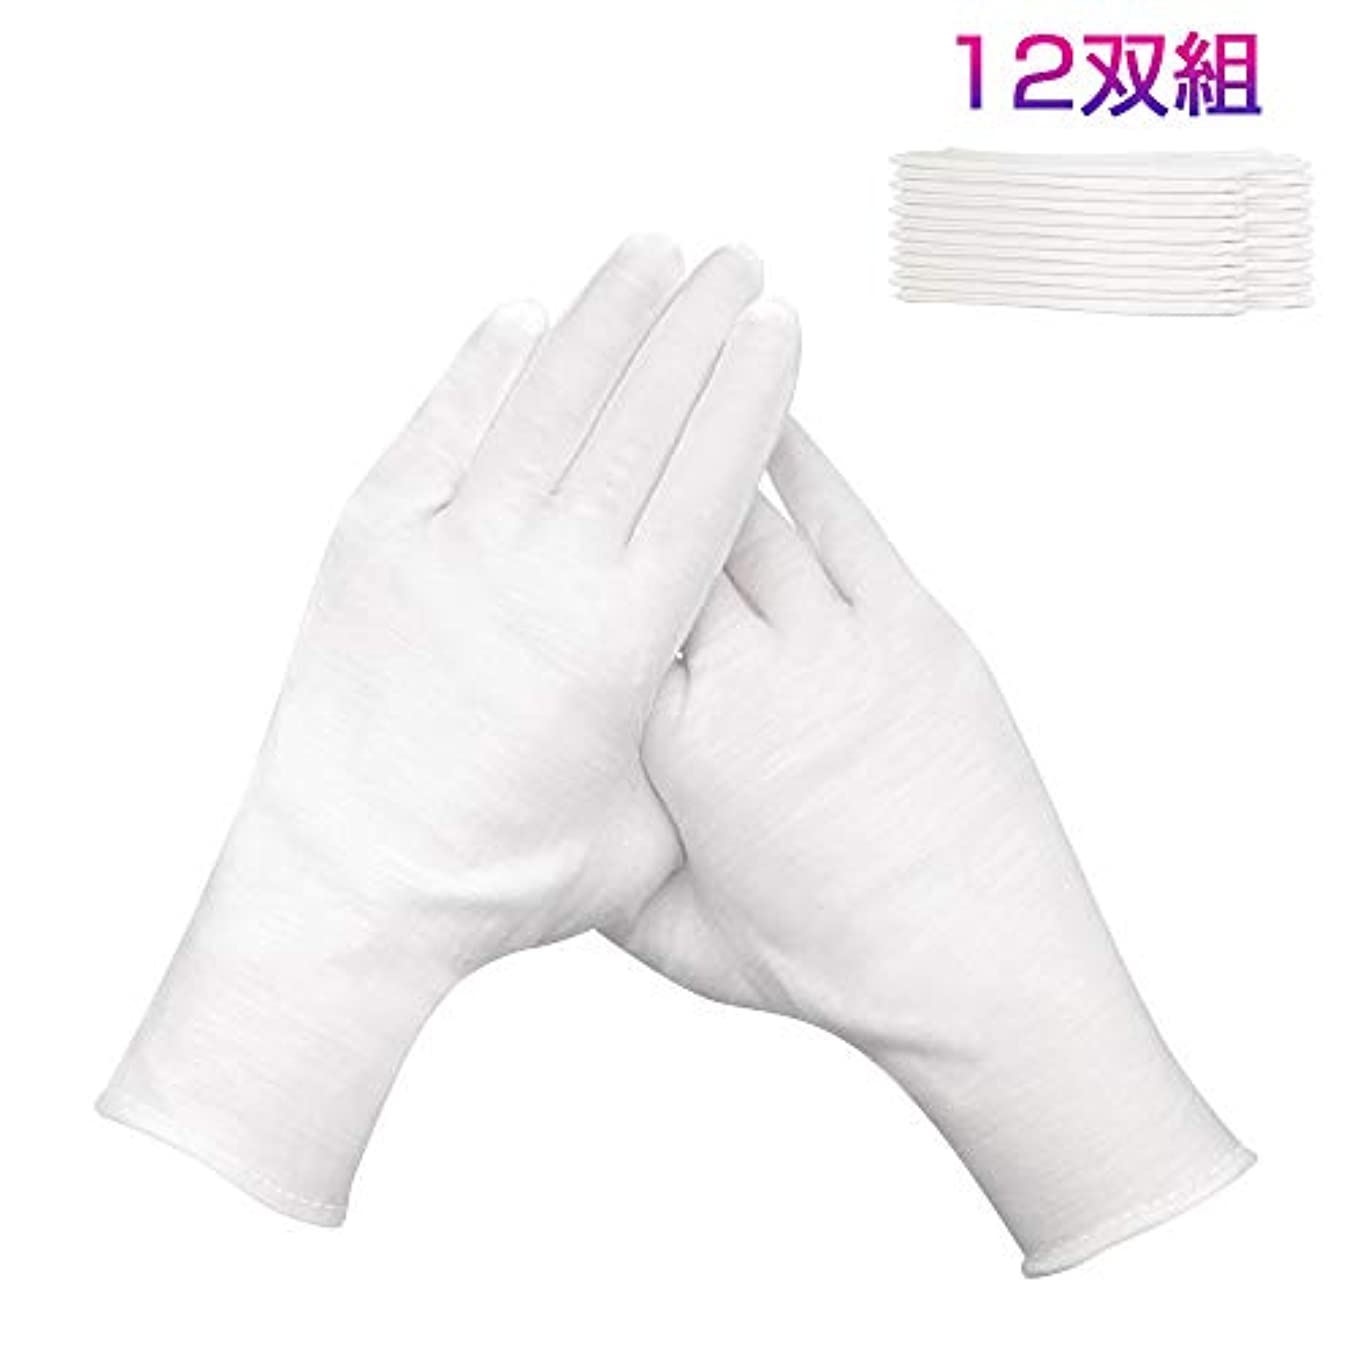 ズーム除外する他のバンドでHUYOU コットン手袋 綿手袋 インナーコットン 綿コットン 使い捨て 白手荒れ予防 100%純綿 手袋 柔軟性良い 作業/湿疹/乾燥肌/保湿/家事/礼装用 男女兼用 白手袋12双組 左右兼用タイプ (フリーサイズ)